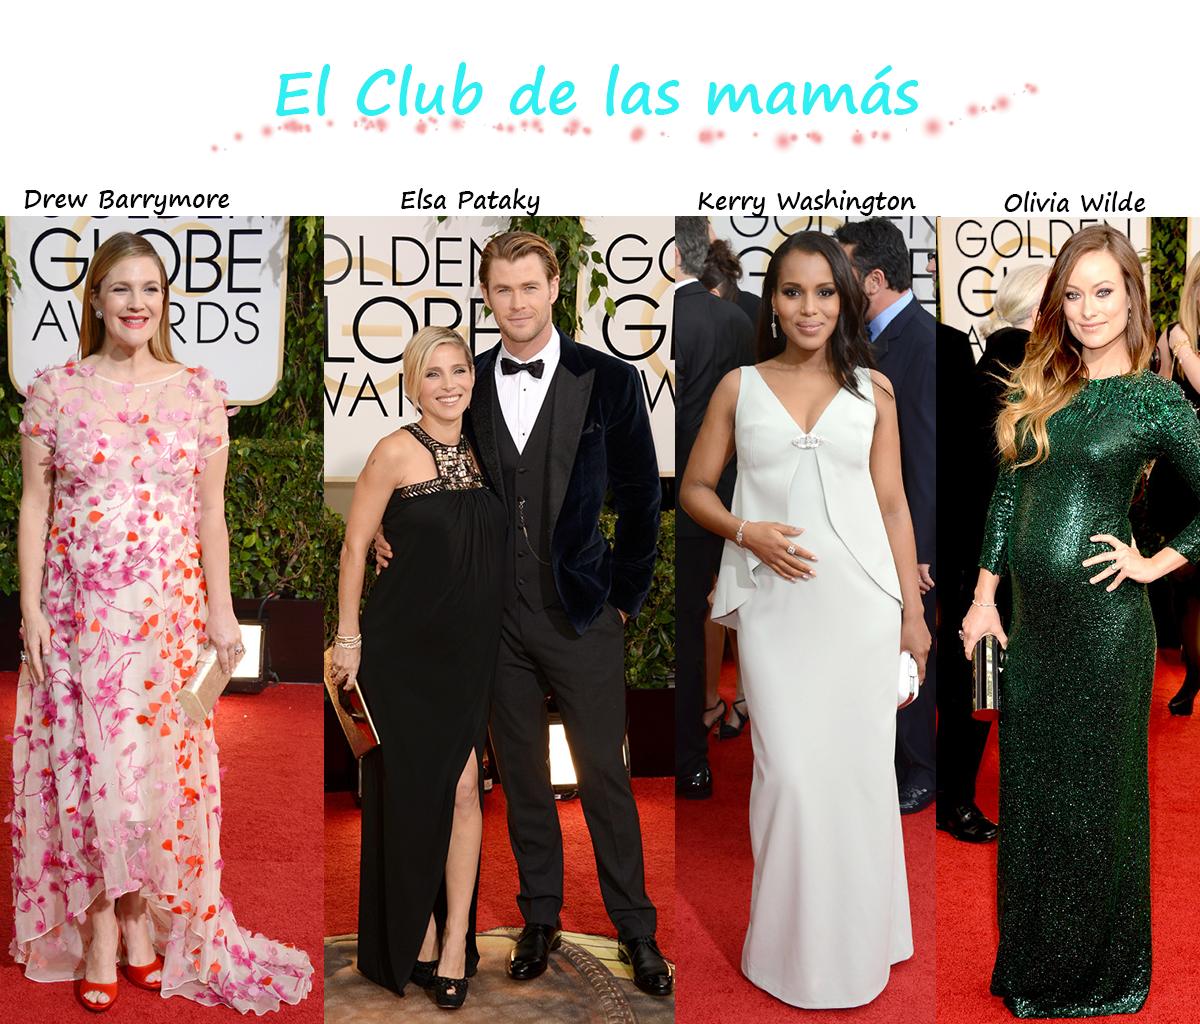 El club de las mamás